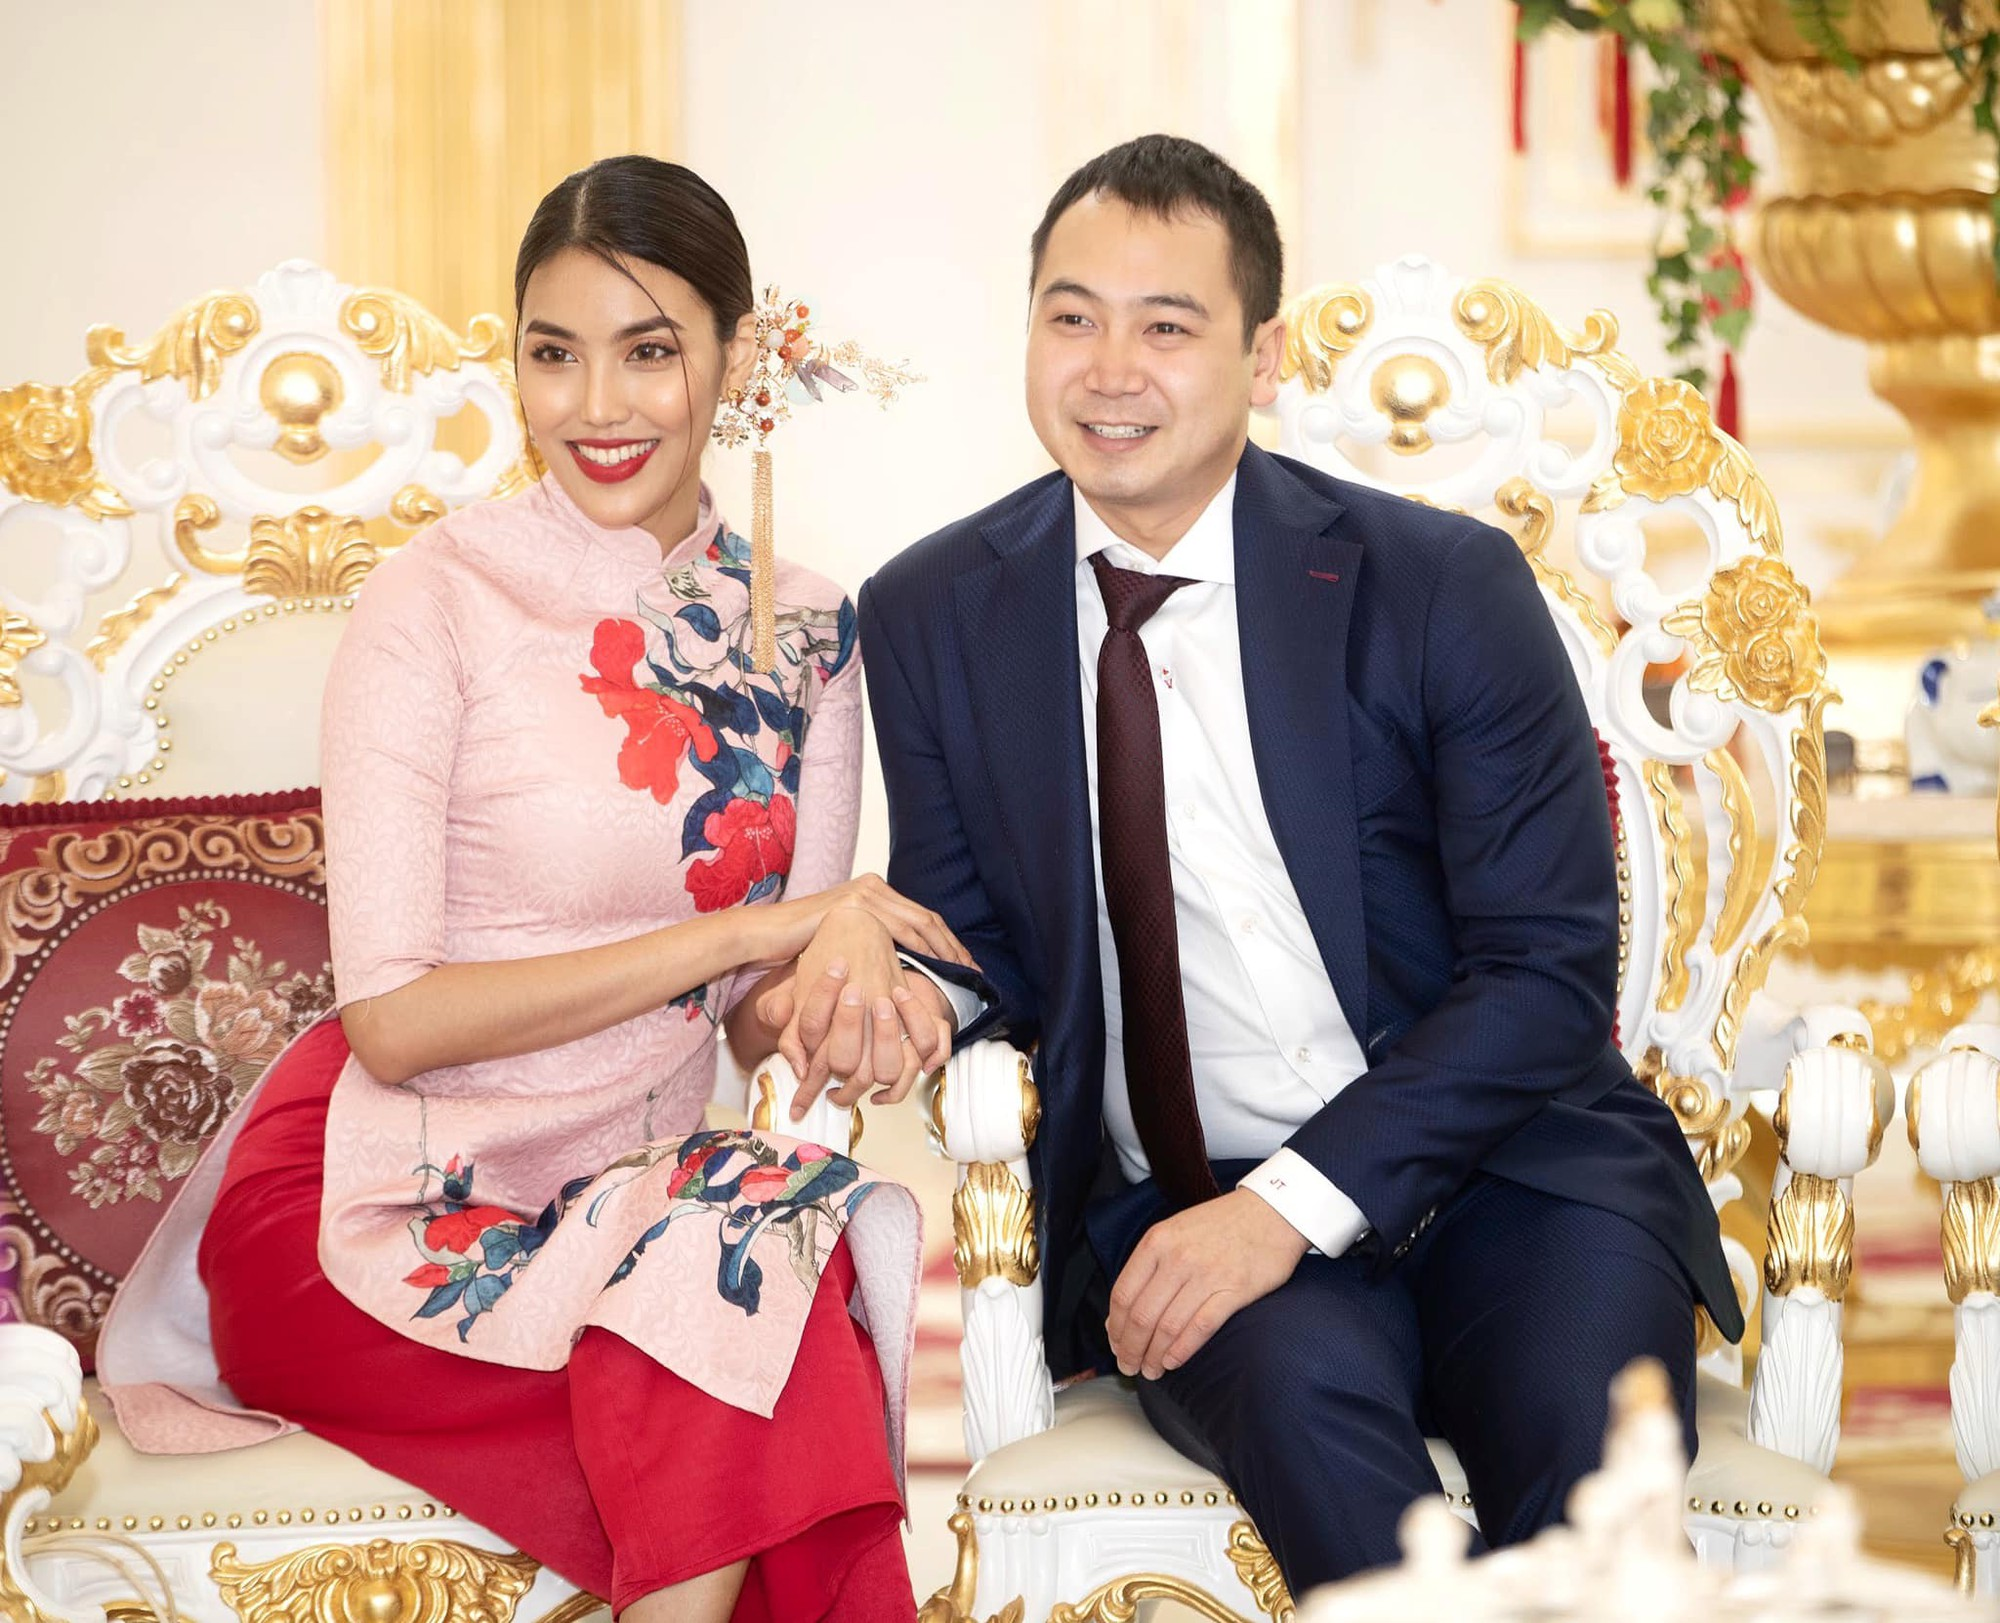 Tết đầu tiên bên gia đình chồng của mỹ nhân Việt: Người chứng minh đúng chuẩn vợ hiền dâu thảo, người xúng xính áo quần cùng chồng đi du xuân - Ảnh 3.